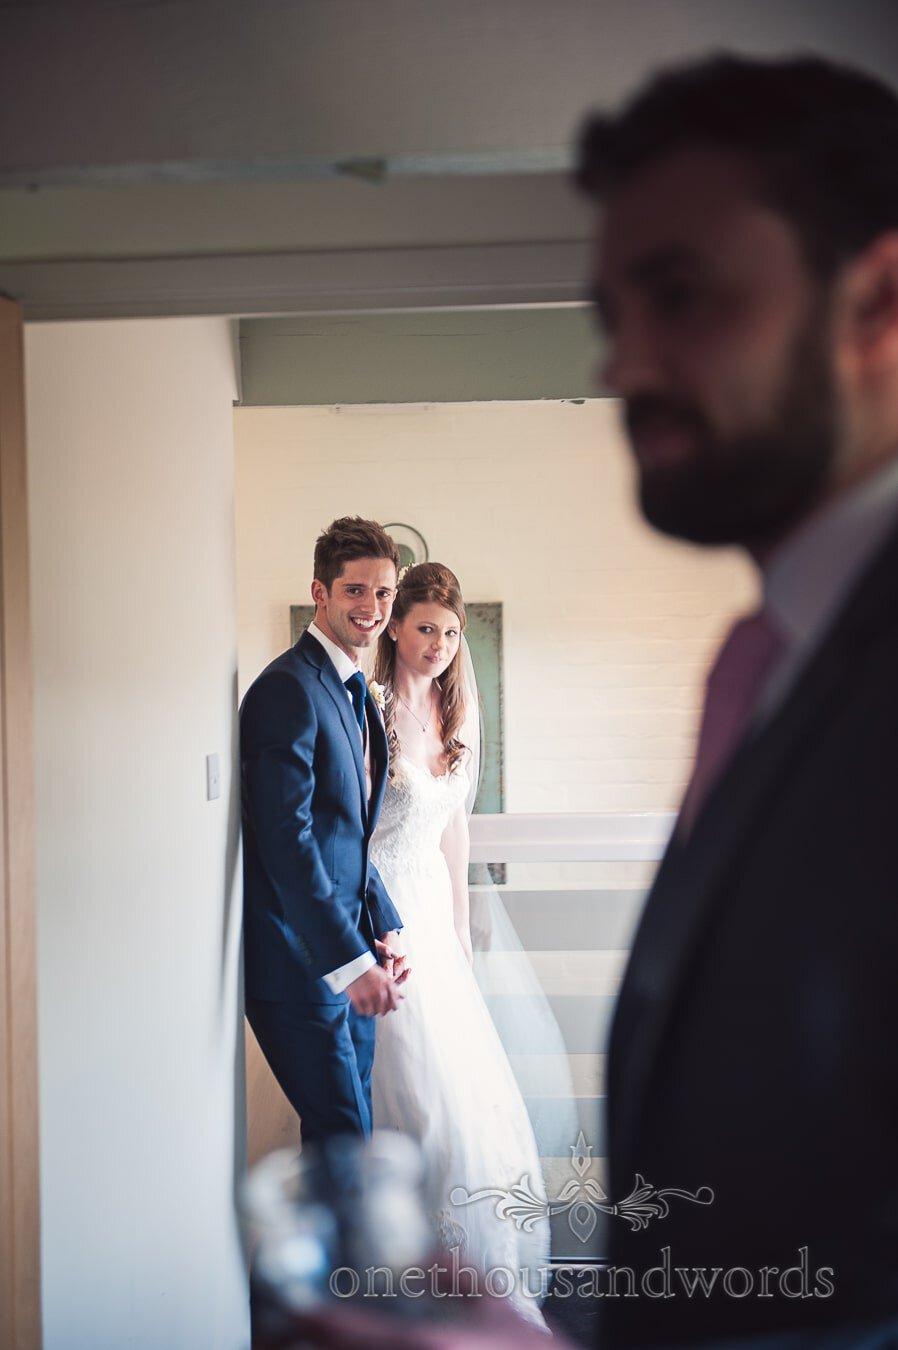 Newlyweds enter the wedding reception